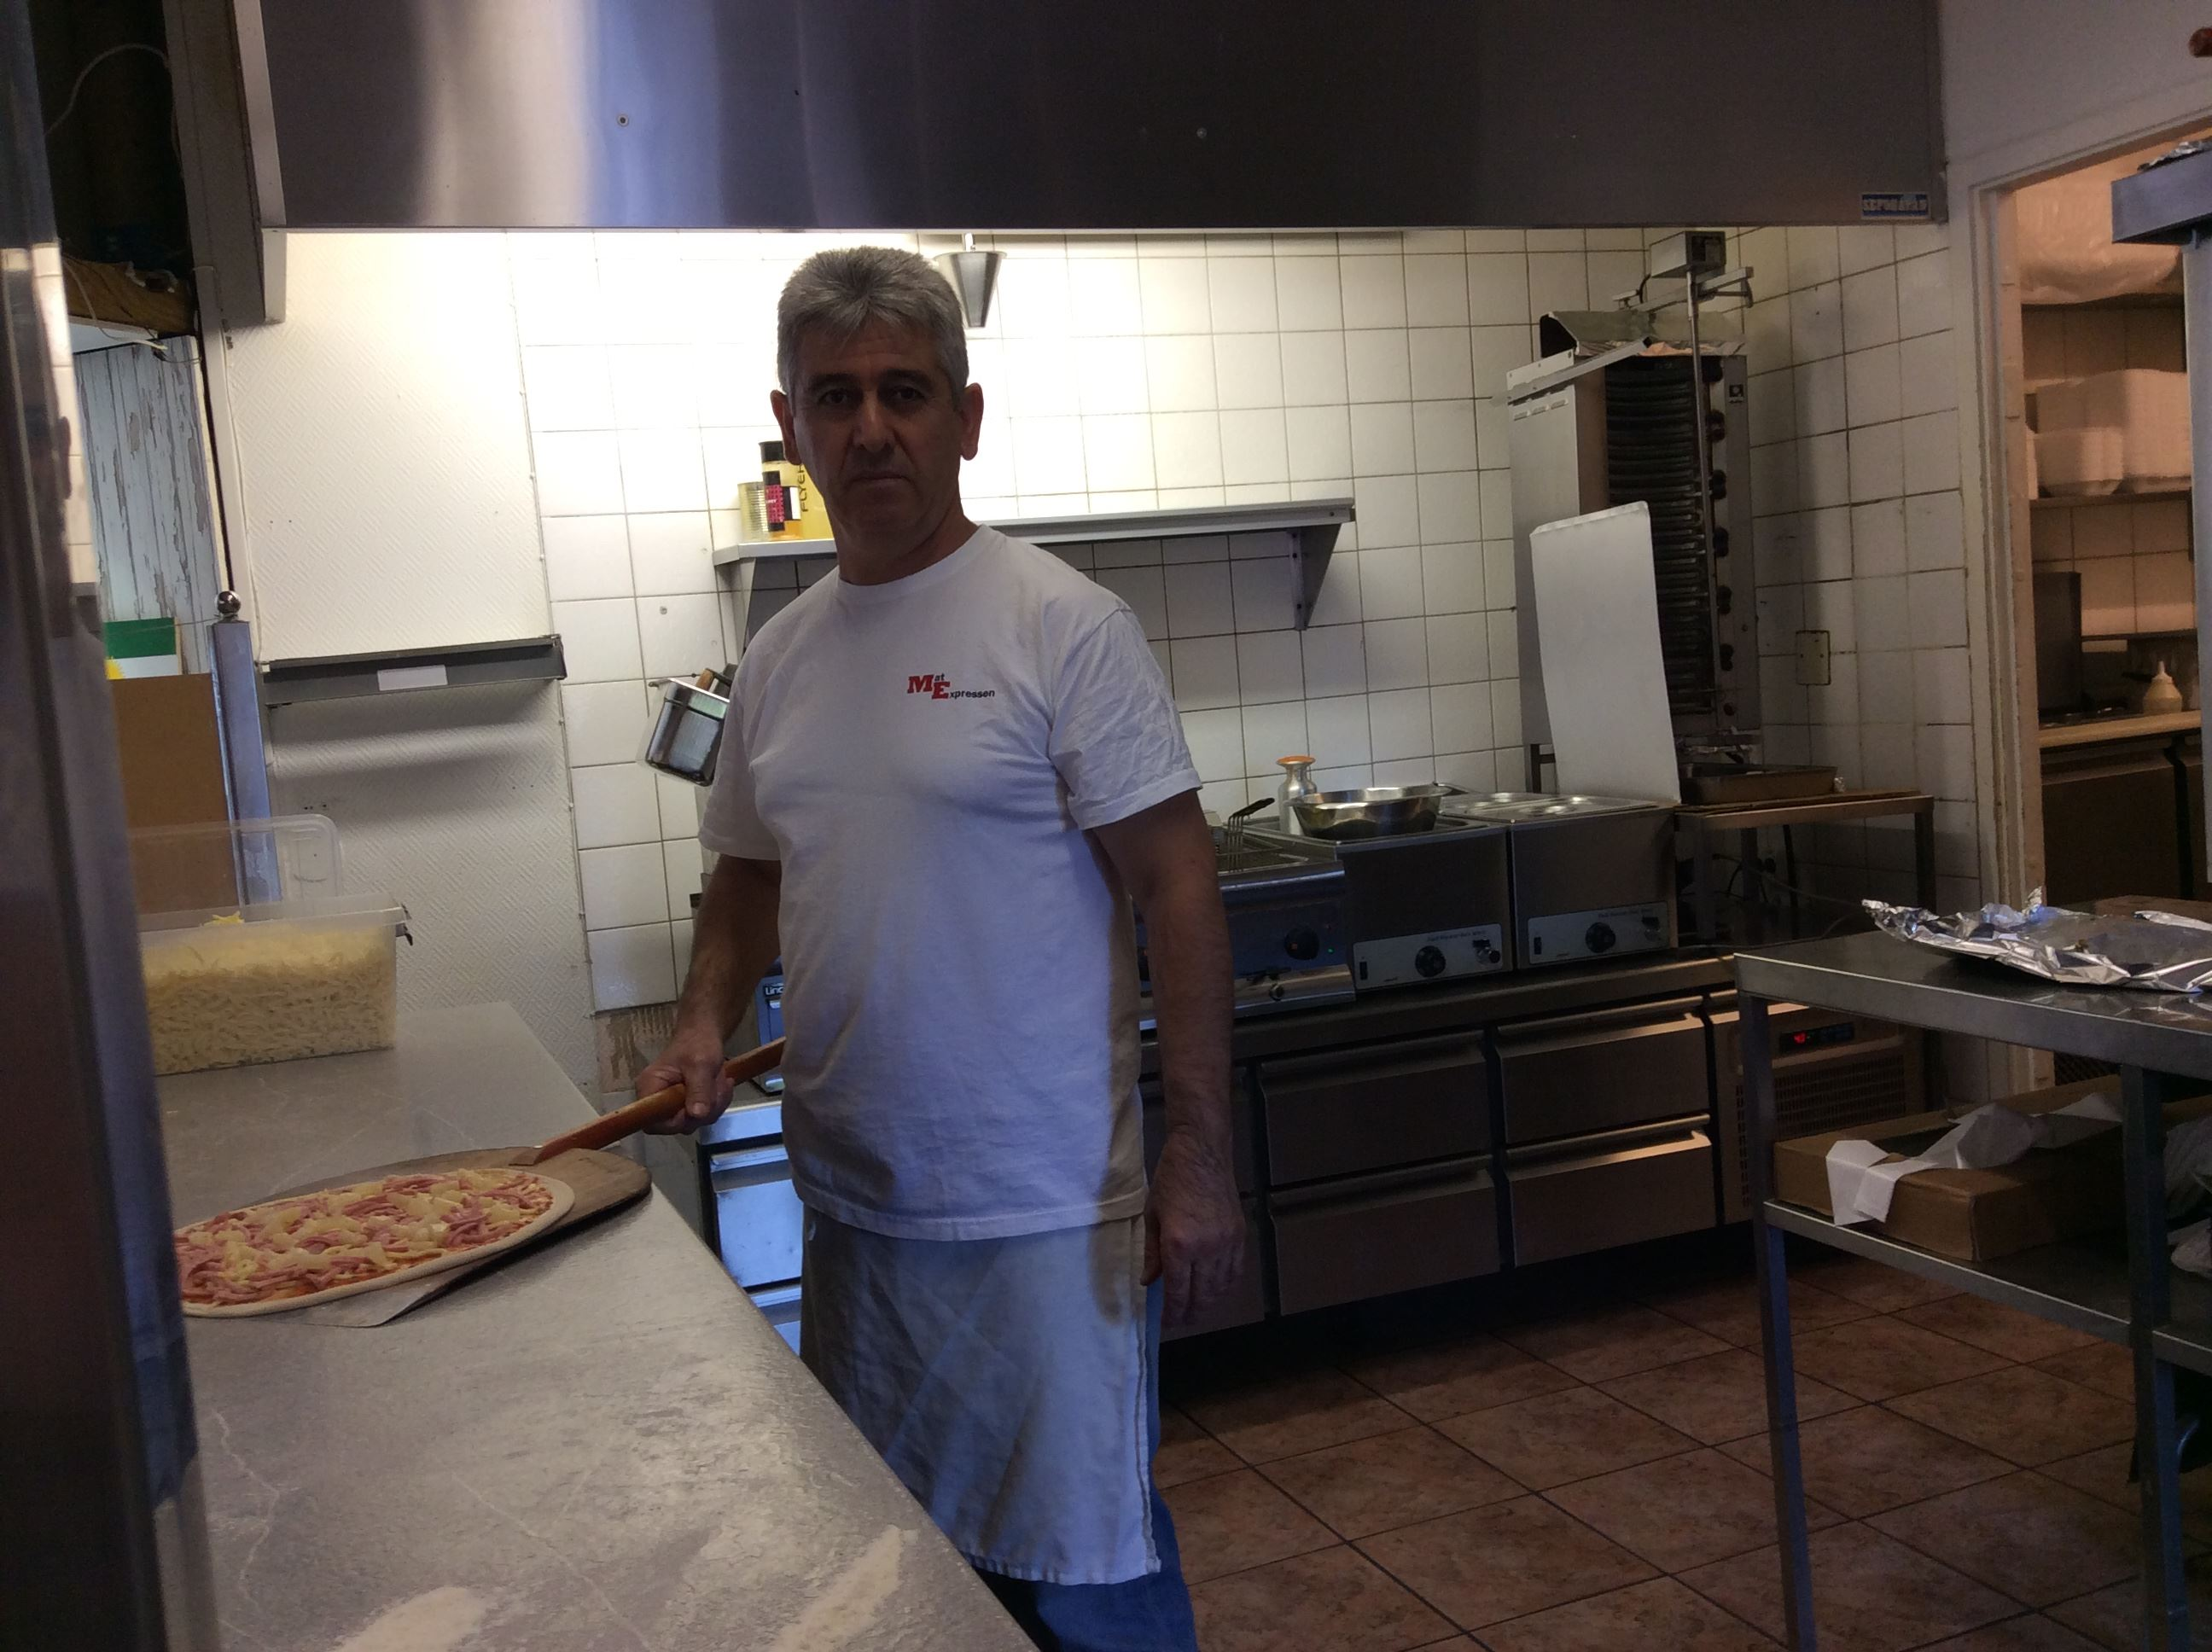 Torsås Turistbyrå, Tuppen Restaurant und Pizzeria